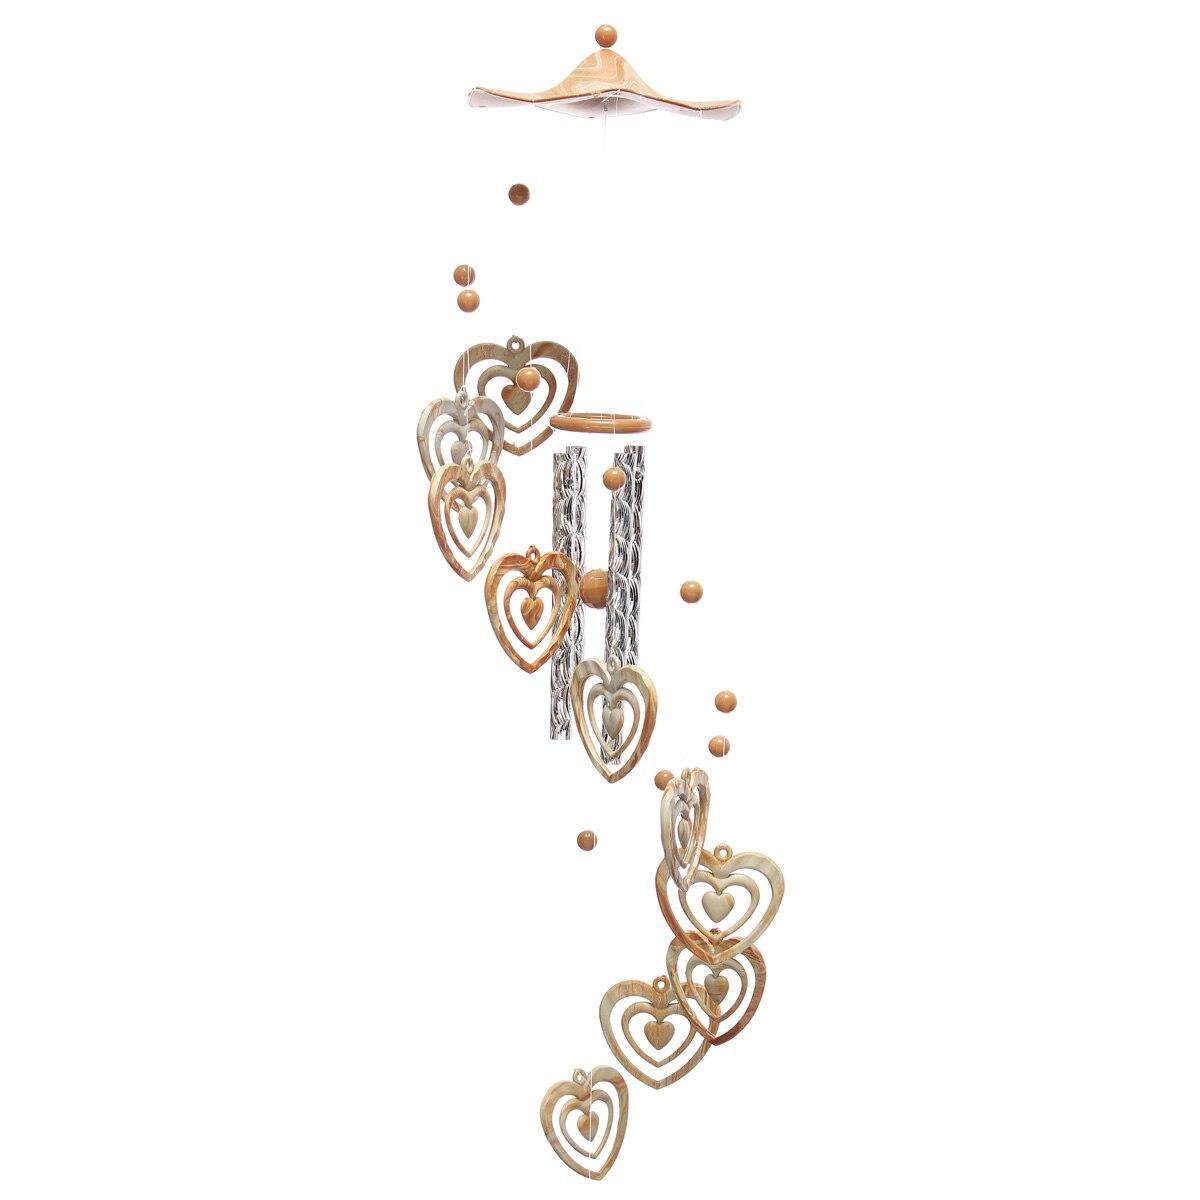 DIY Творческий ветер мобильный куранты колокол сад бабочек веранда украшения